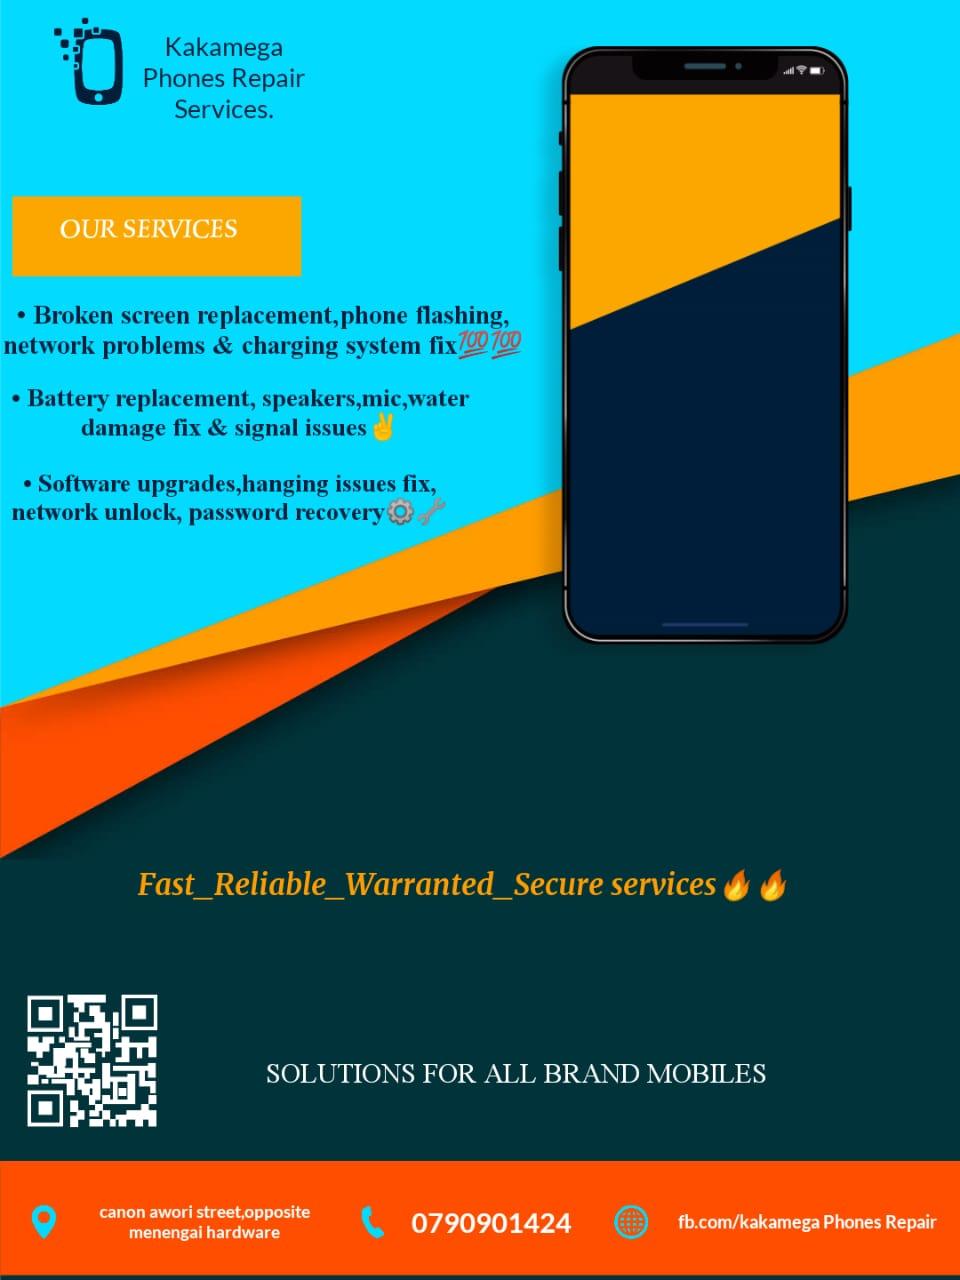 Kakamega Phone Repairs